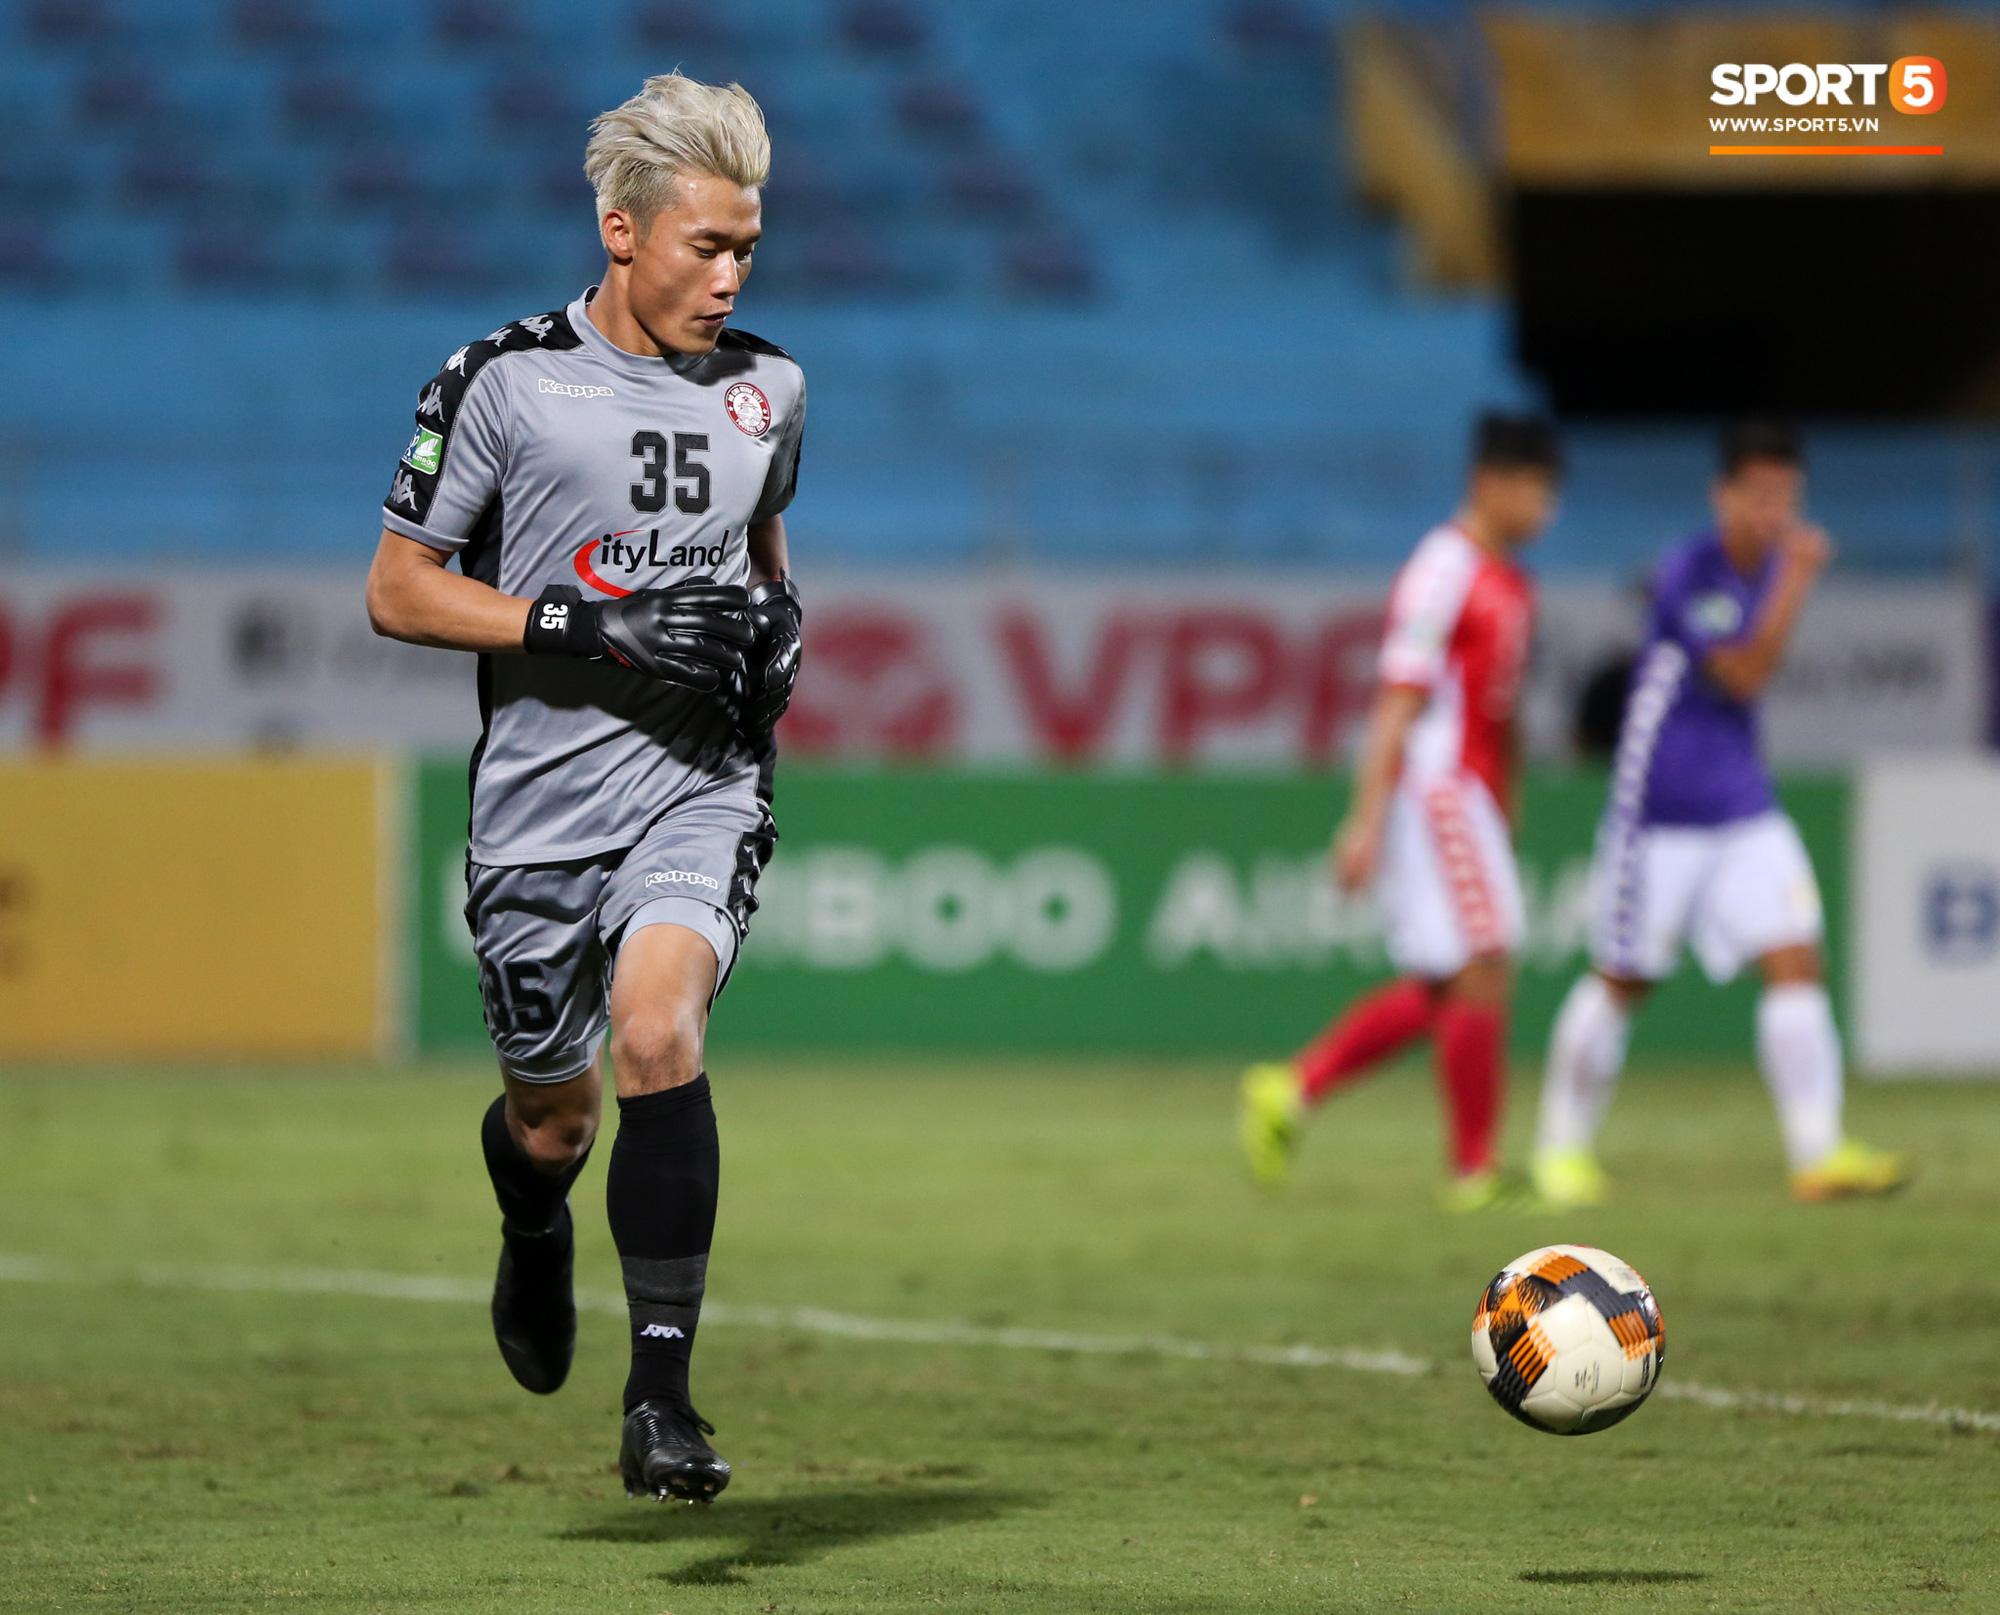 Bùi Tiến Dũng xử lý khiến cầu thủ Hà Nội FC tẽn tò nhưng không che lấp nổi ngày thảm hoạ - Ảnh 1.